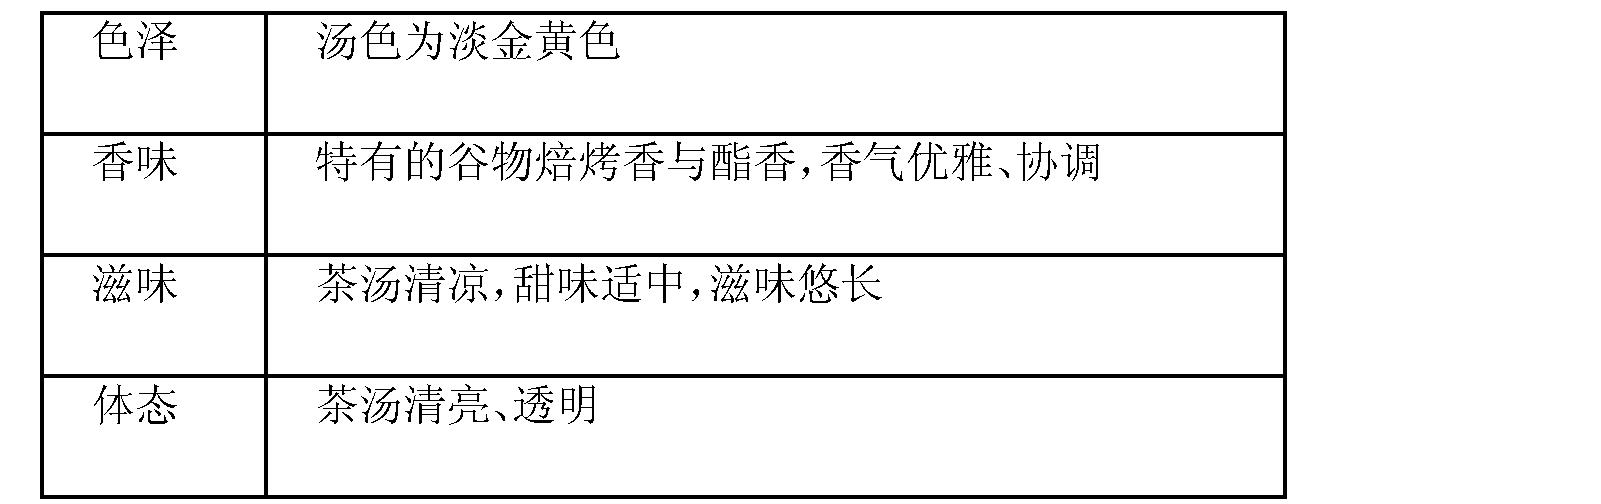 Figure CN101785511BD00061